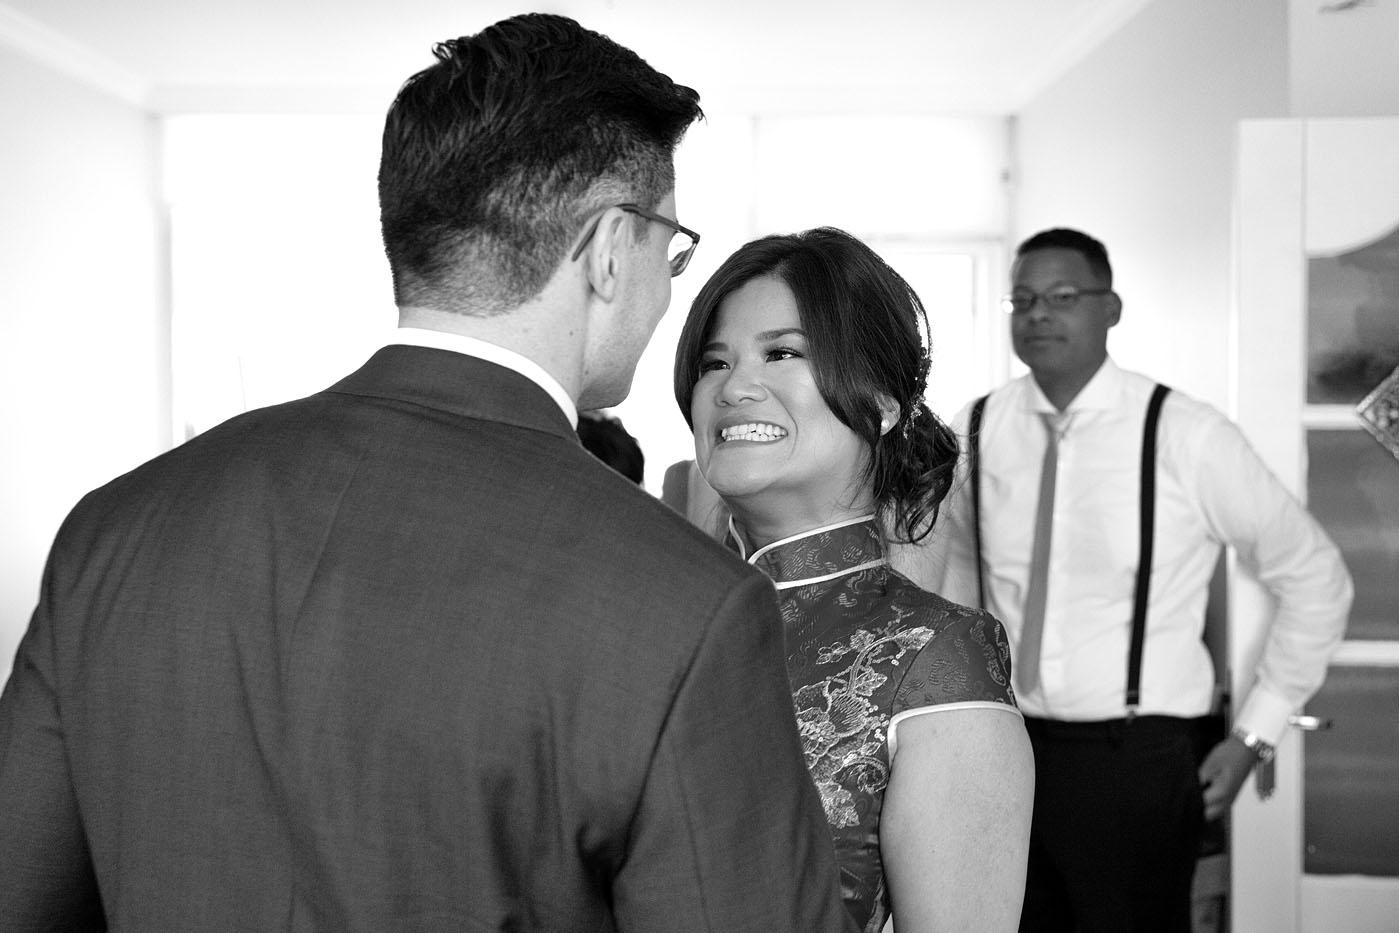 bruiloft-wedding-trouwen-fotograaf-chinees-bobhersbach-rotterdam-liefde